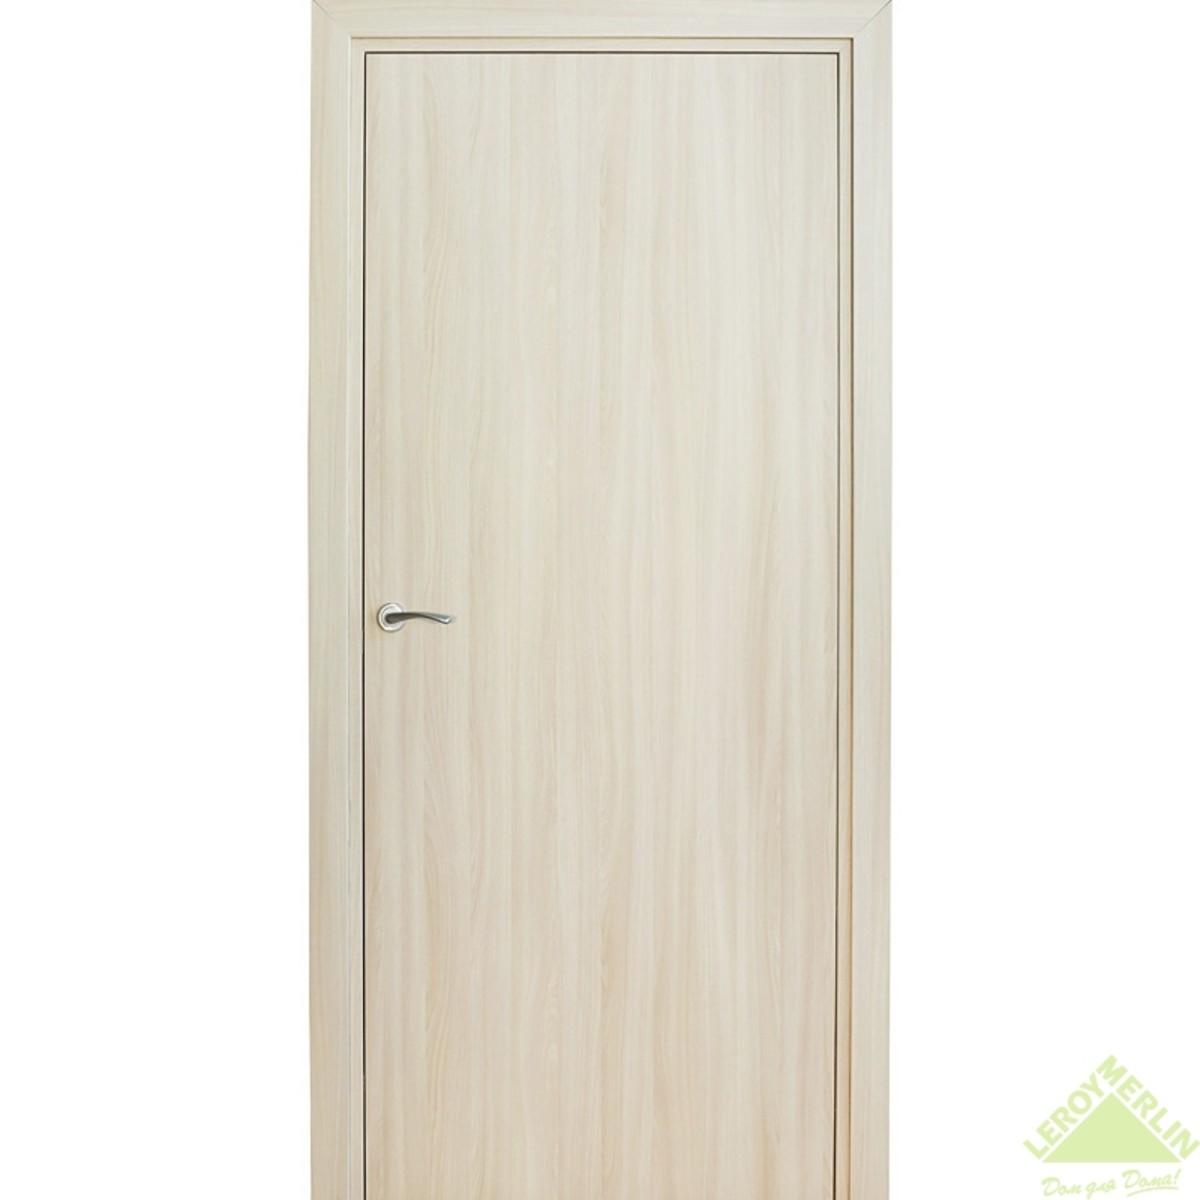 Дверь Межкомнатная Глухая Фортунато Модерн 90x200 Ламинация Цвет Ясень